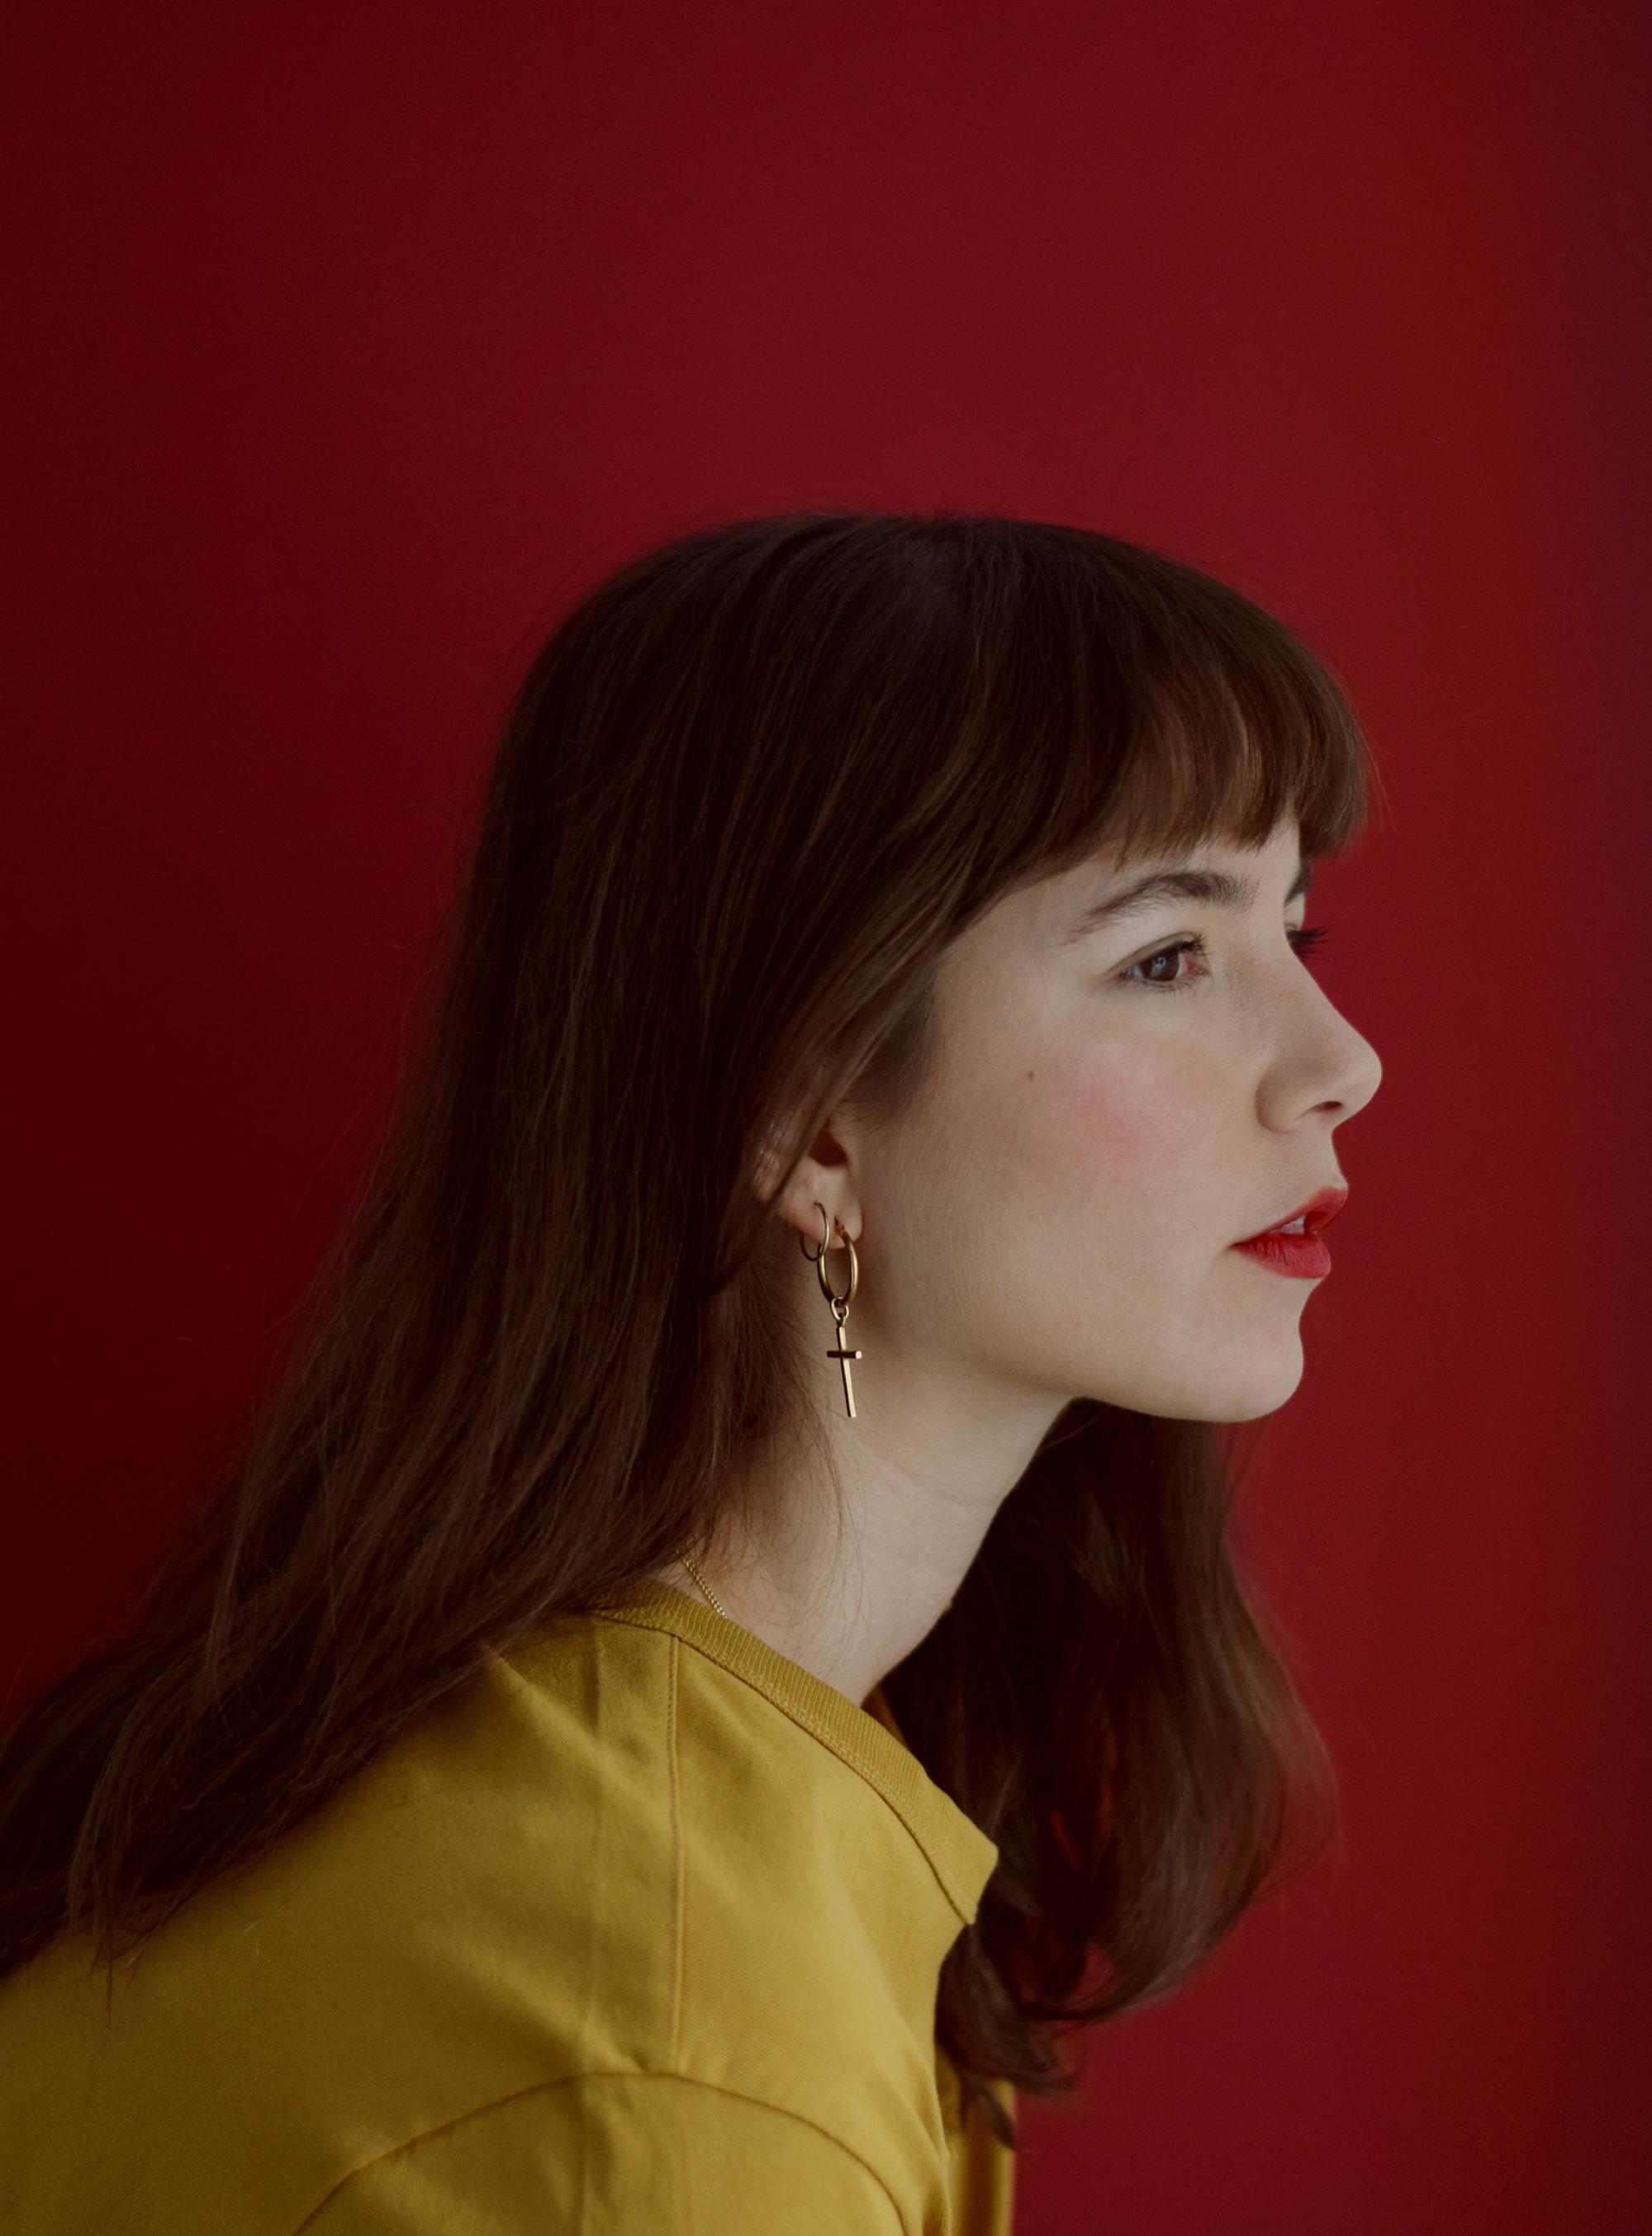 Marie-de-Beaucourt-Portrait-Natasha-John-2018-3.jpg